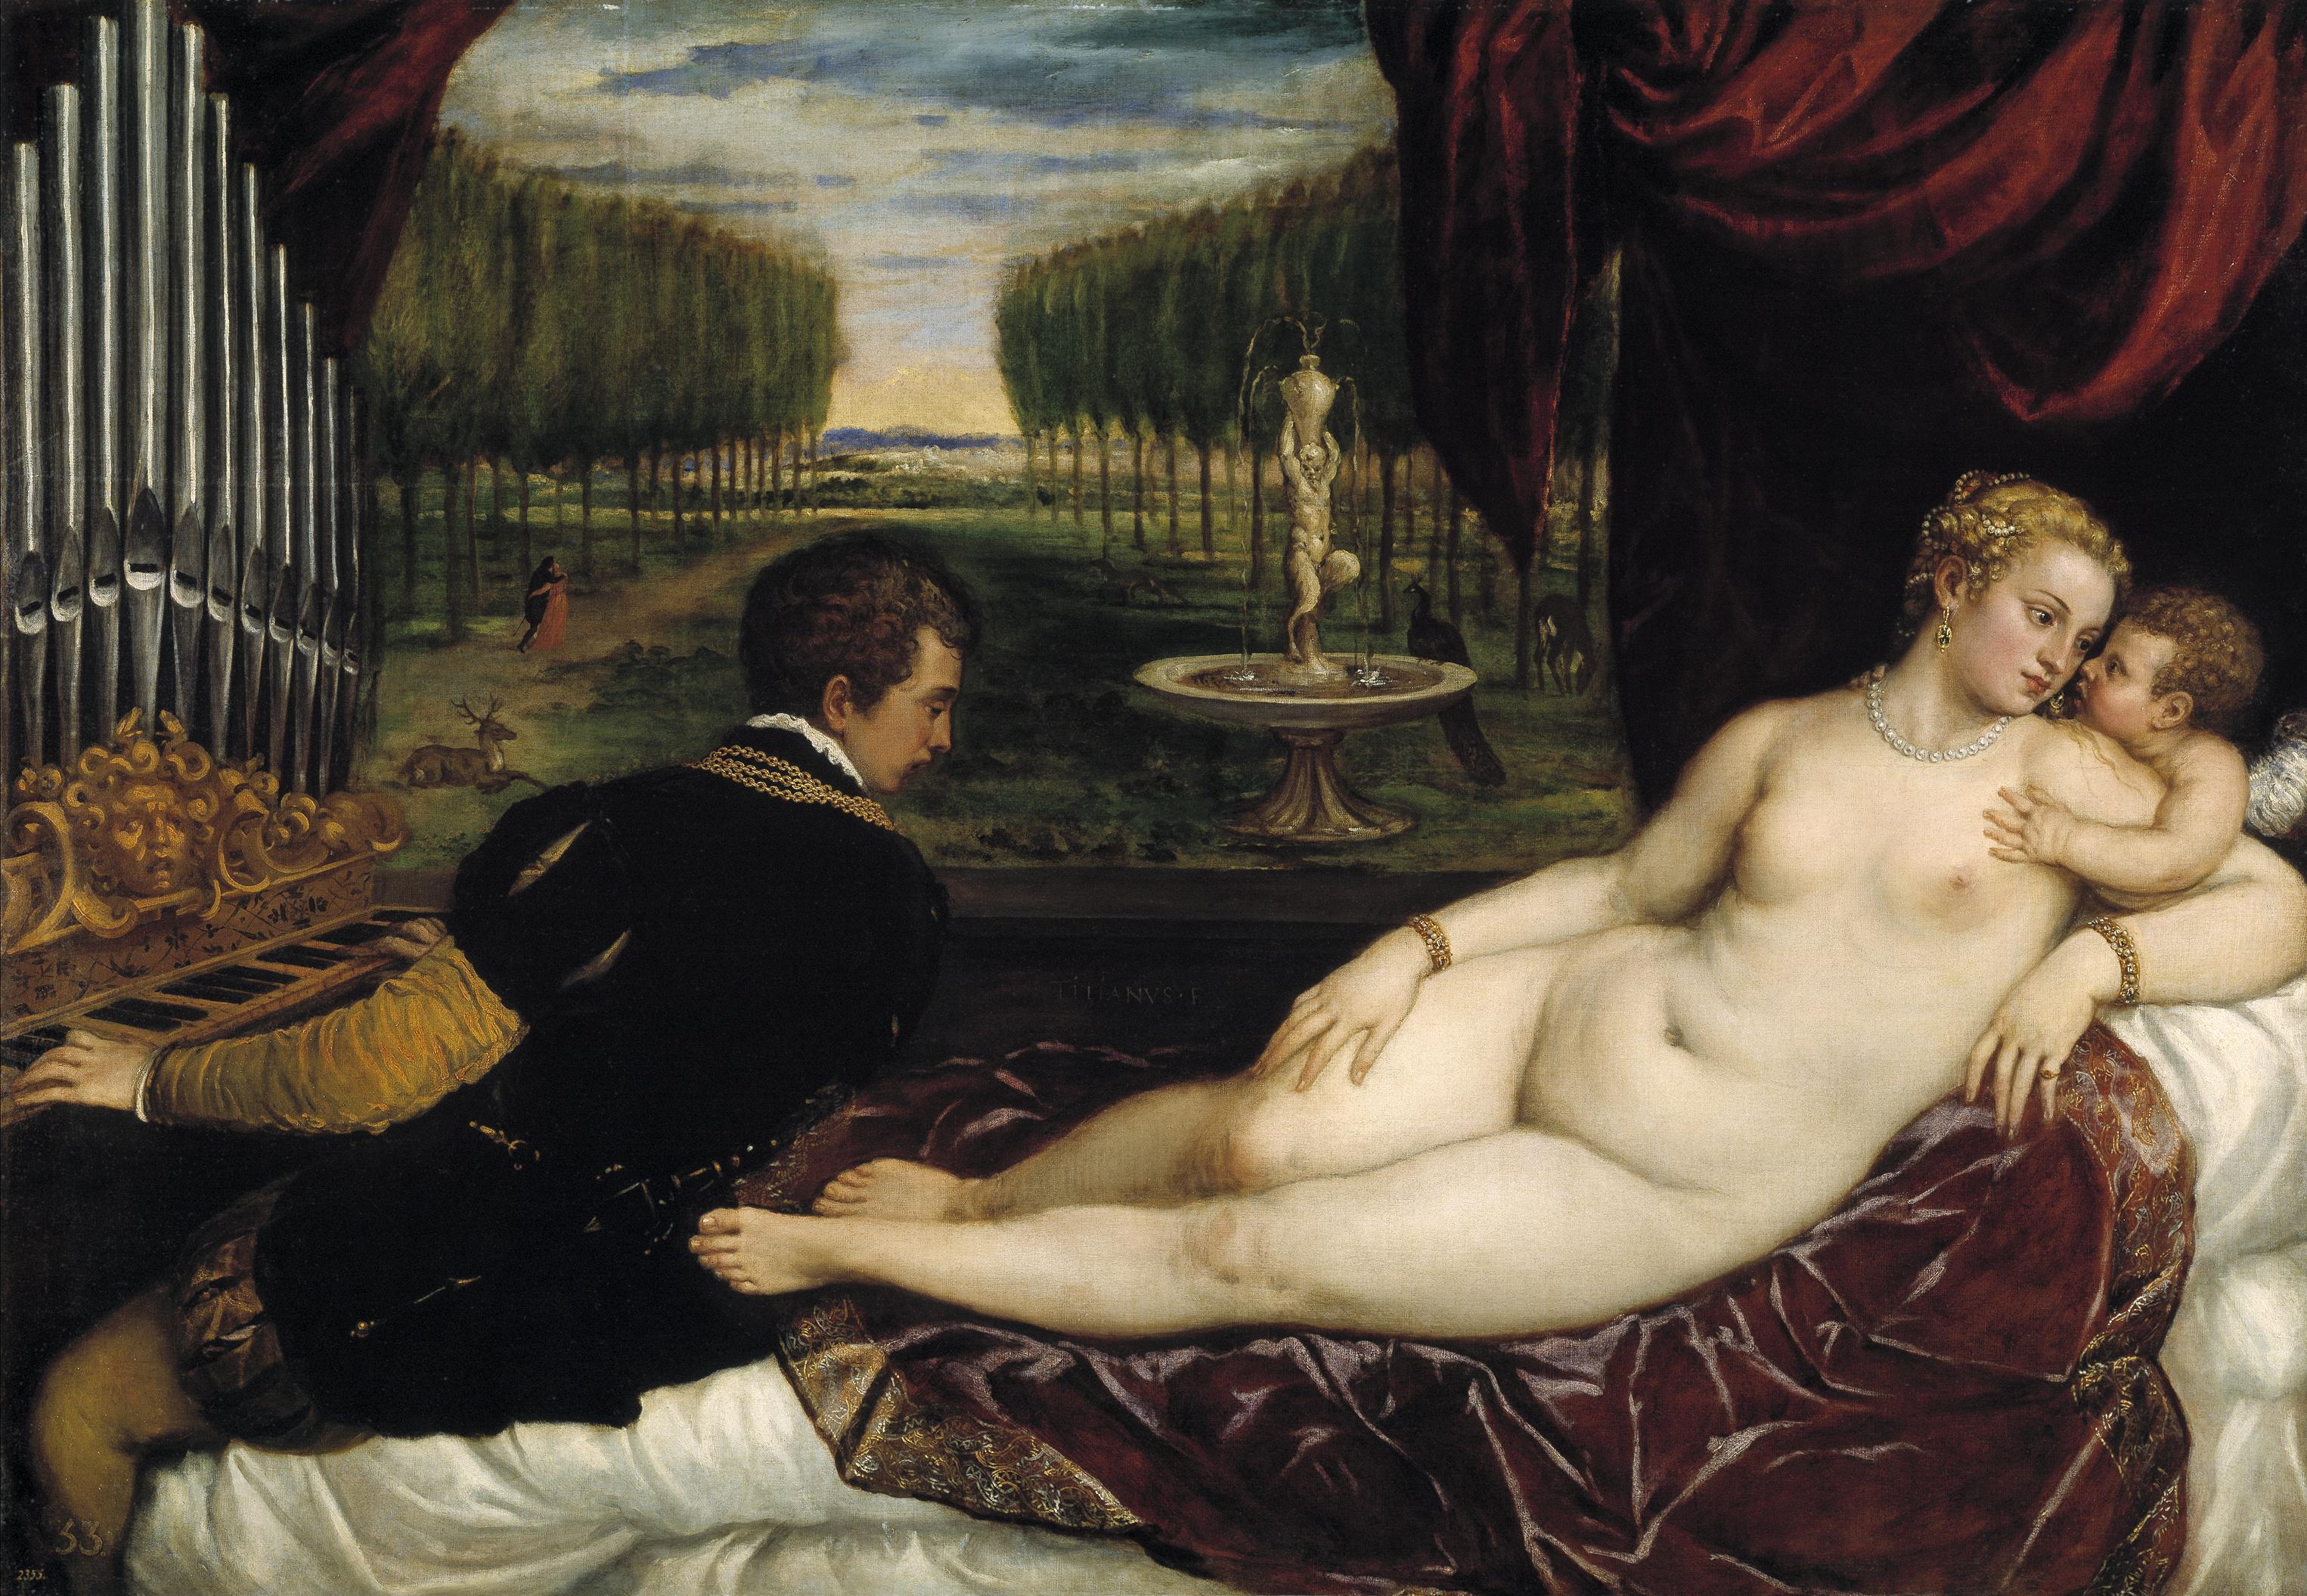 Titian Vecellio. 1488-1490 - 1576. Венера и органист. ок.1555. 150,2 x 218,2. Мадрид, Прадо